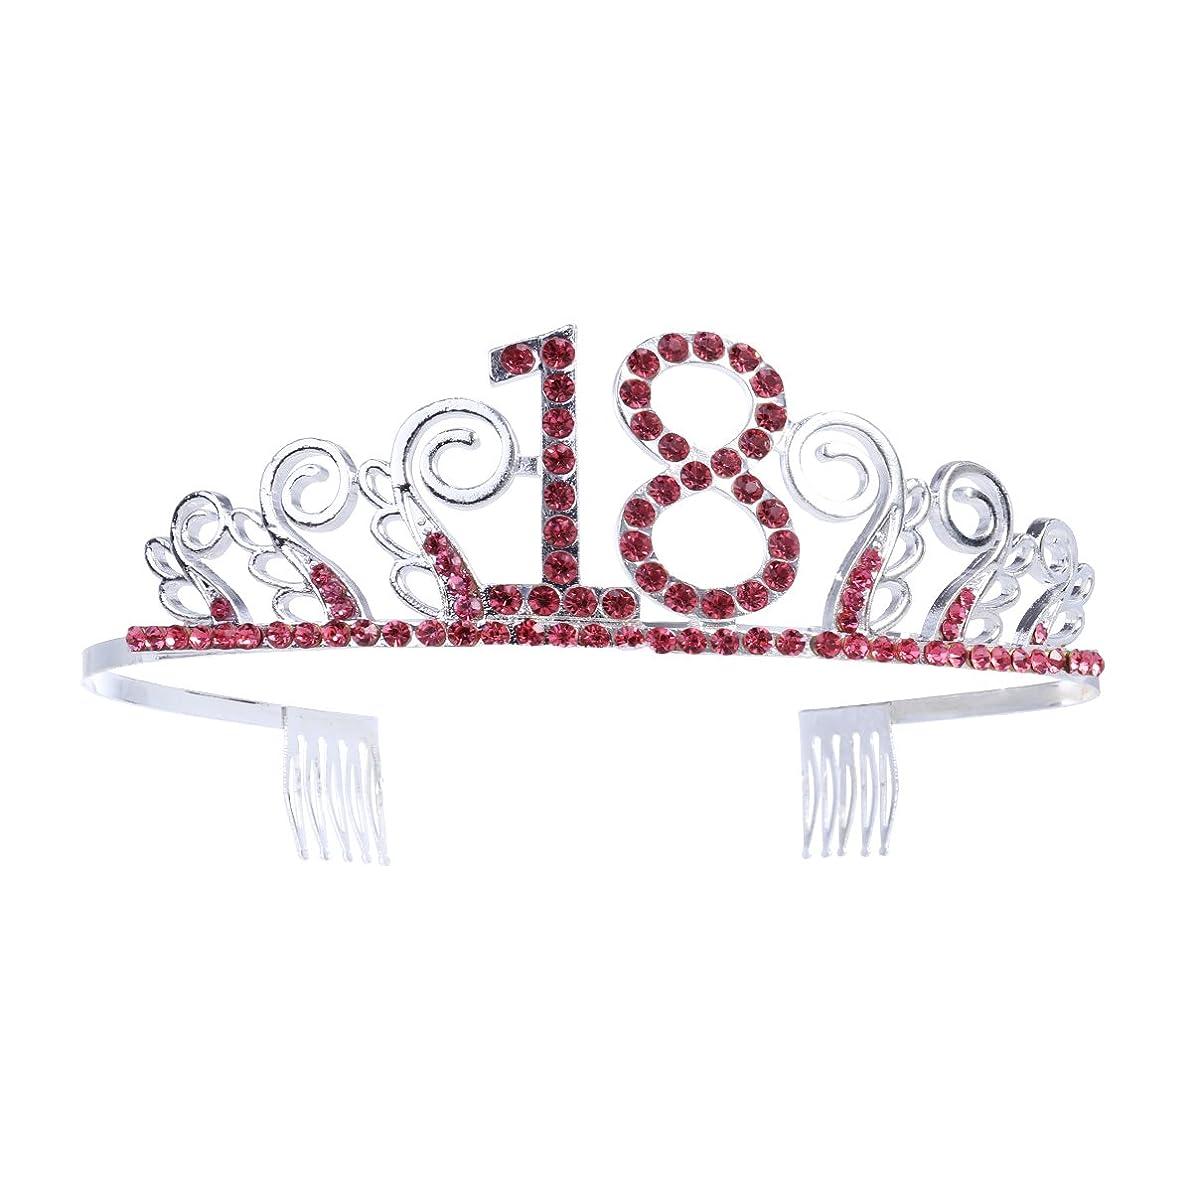 後ろ、背後、背面(部廃止する間違えたBeaupretty クリスタルラインストーンガールズ18歳の誕生日ティアラプリンセスクラウンと髪の櫛18歳の誕生日結婚記念日の彼女への贈り物(シルバーレッド)